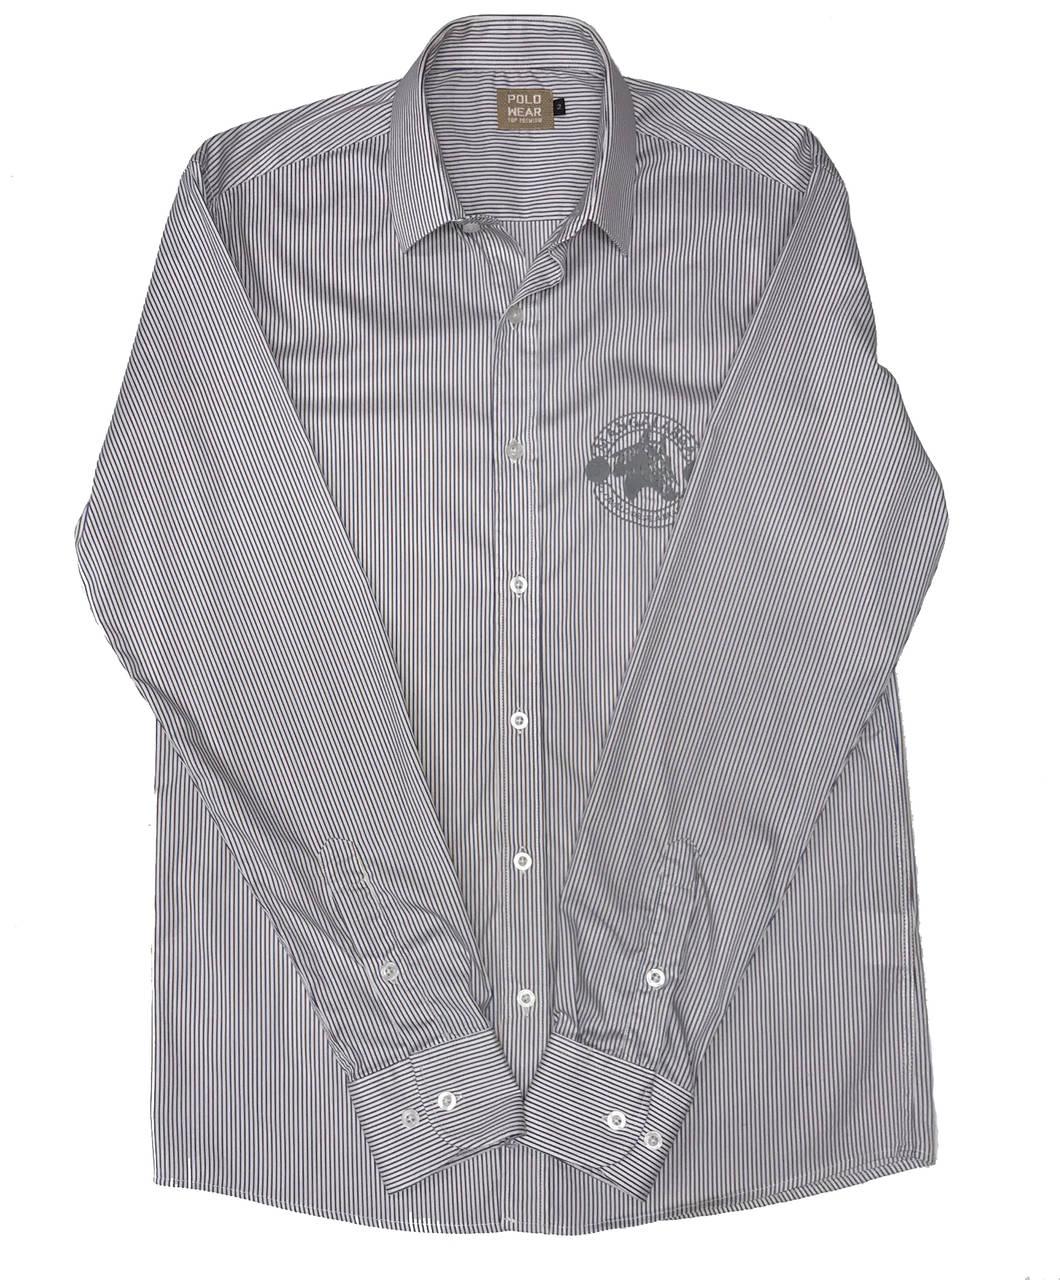 Camisa Top Premium Masculina Listras Vermelho e Azul  - Boutique Mangalarga